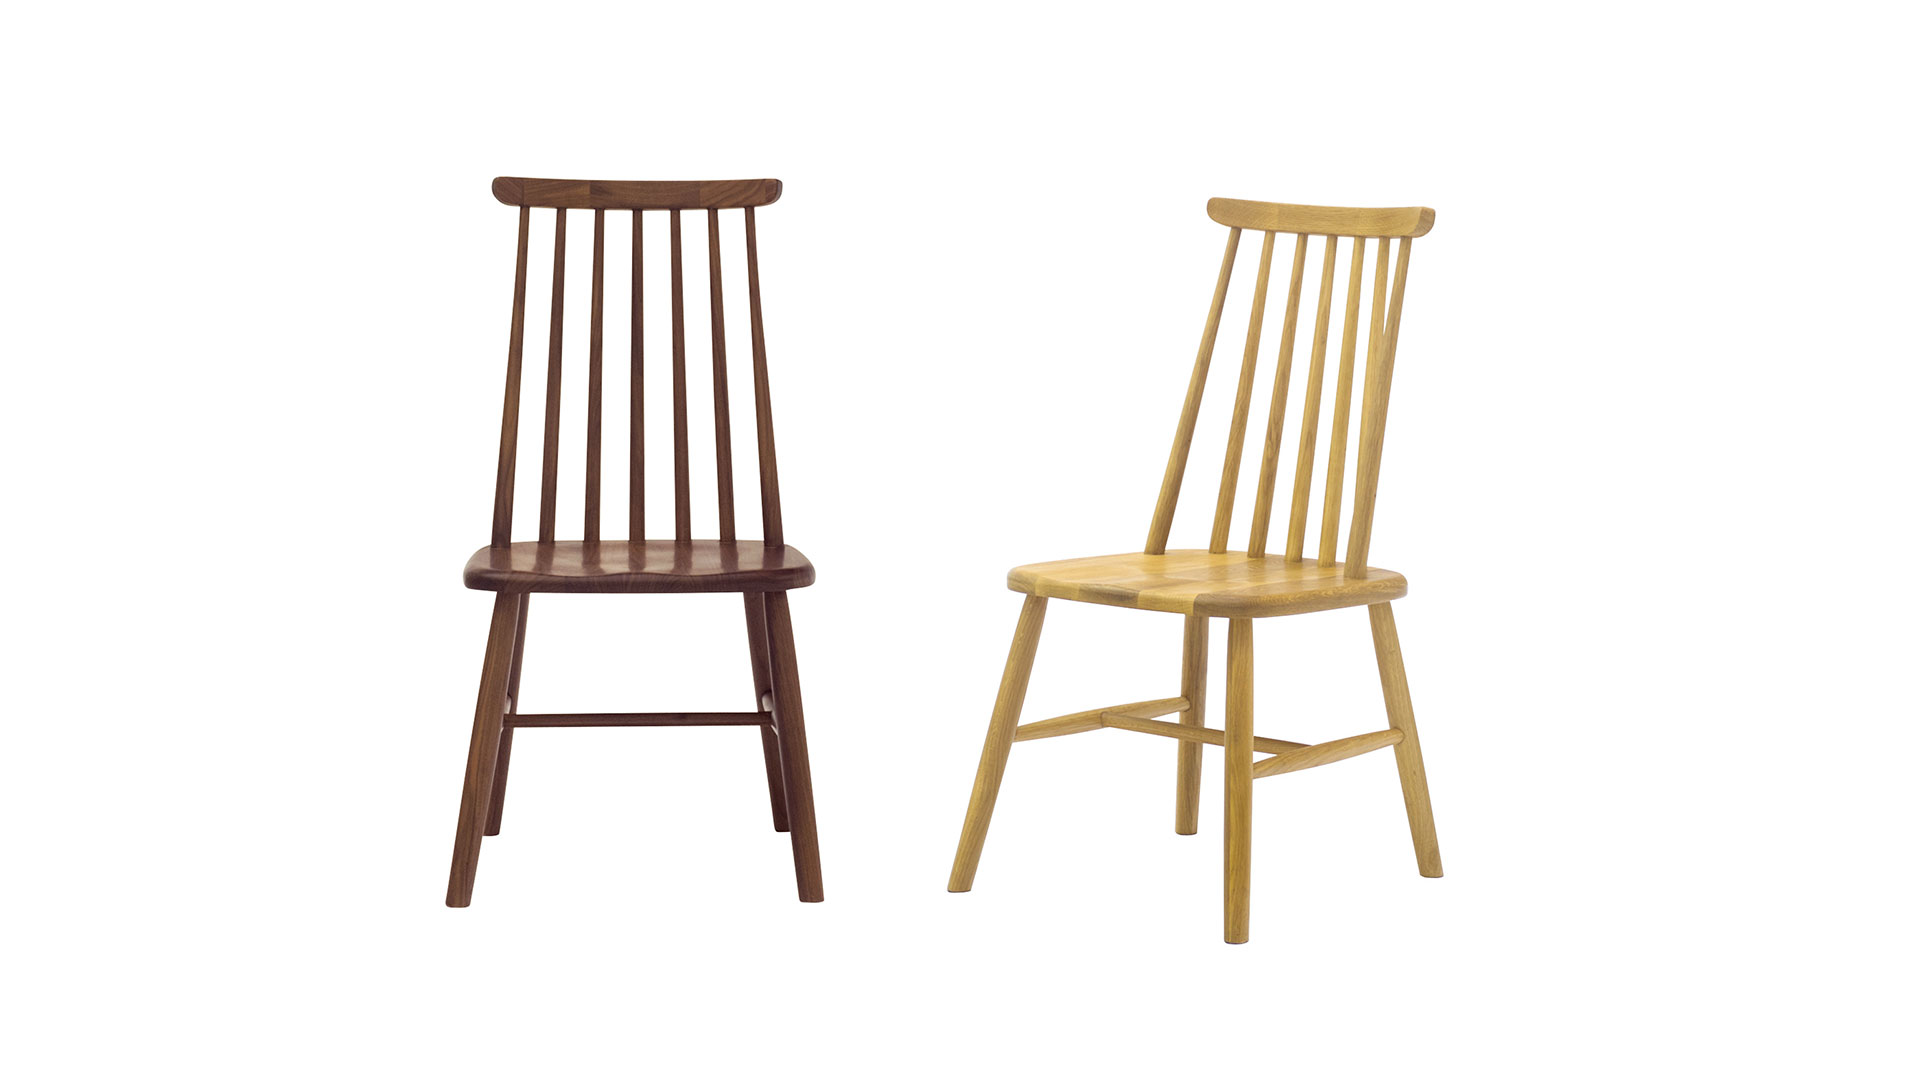 リビンズのダイニングセット「ピエトロ」の椅子の画像